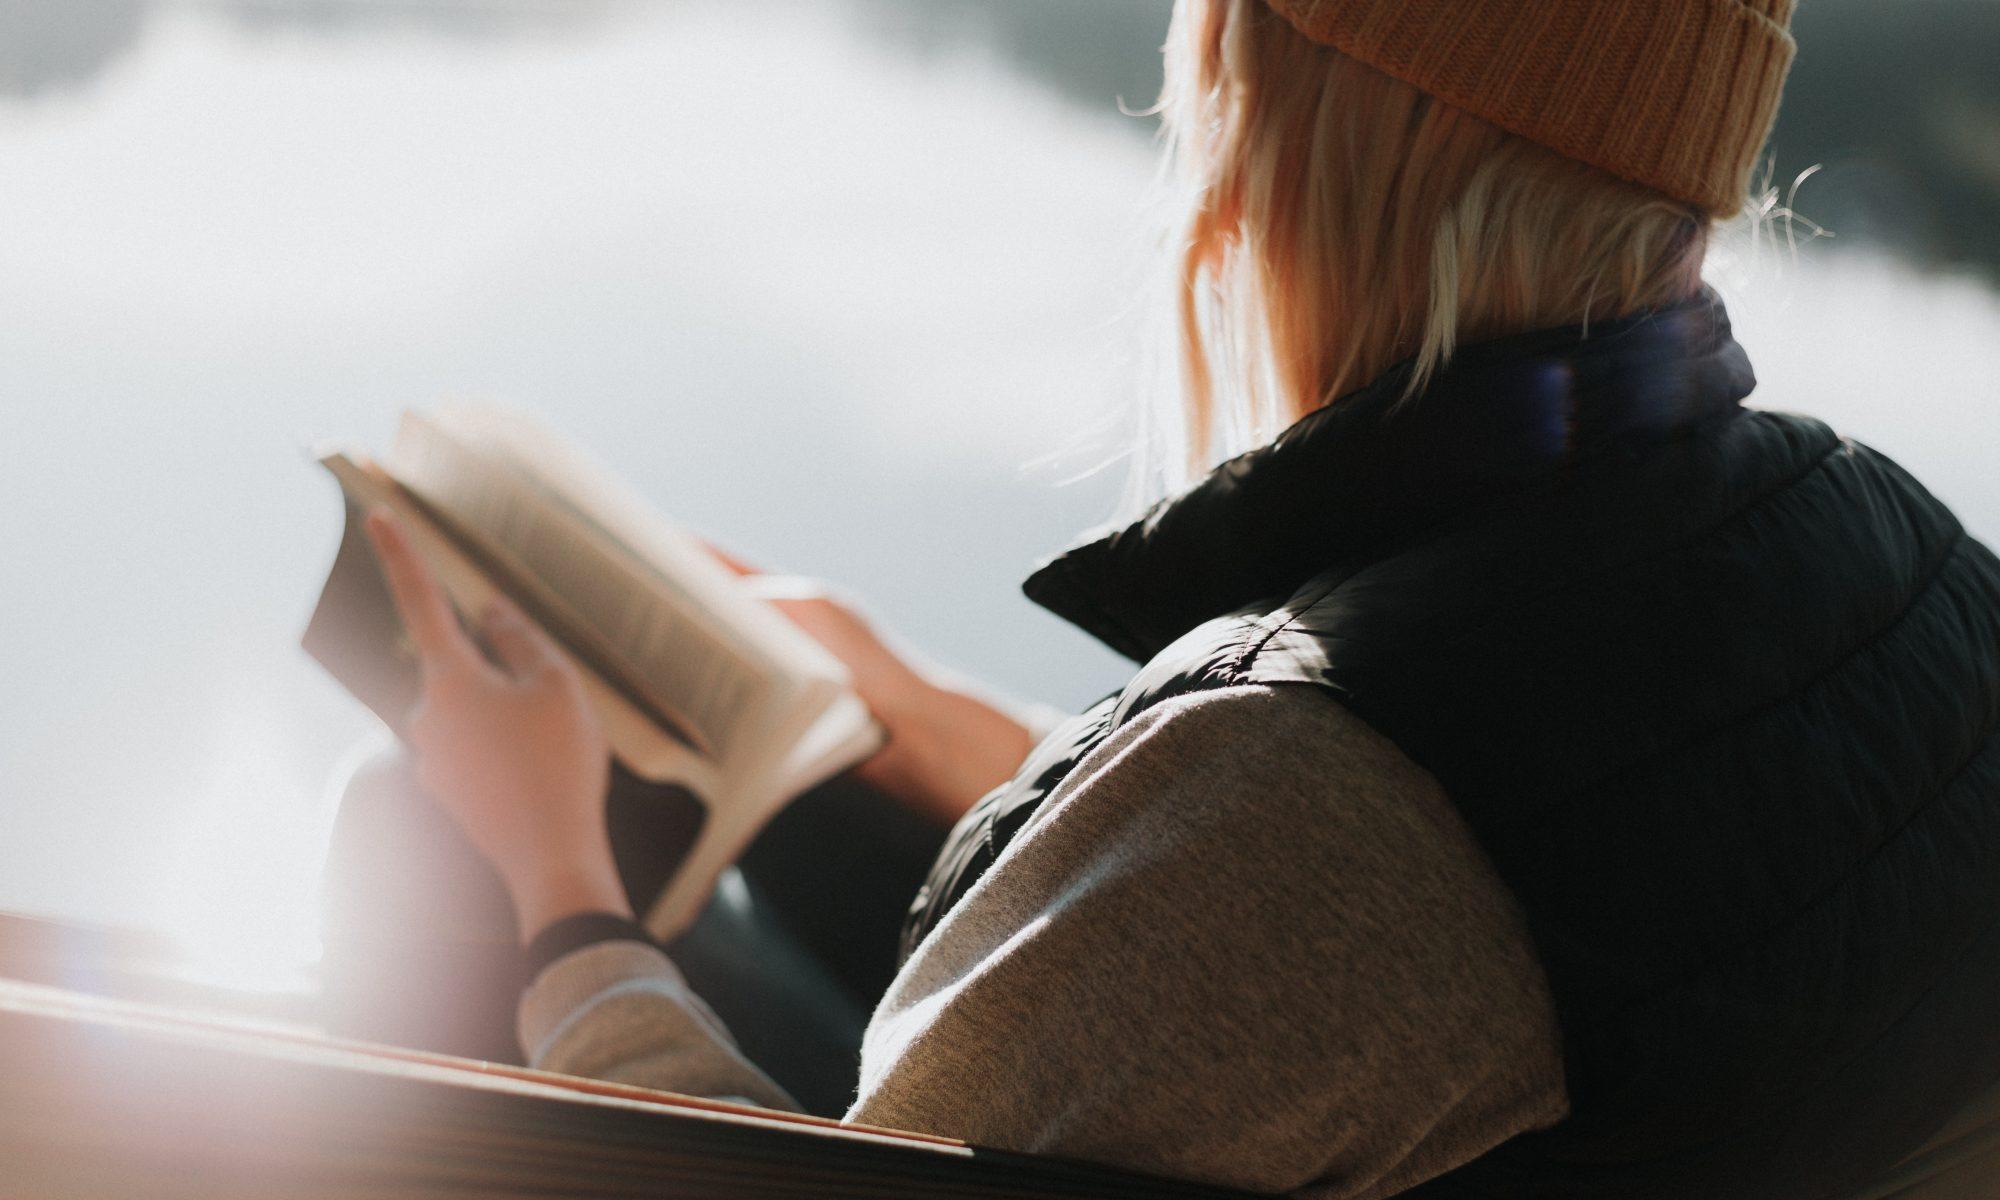 Pansexualitaet in Buechern Busenfreundin Book Club im Busen Ranking